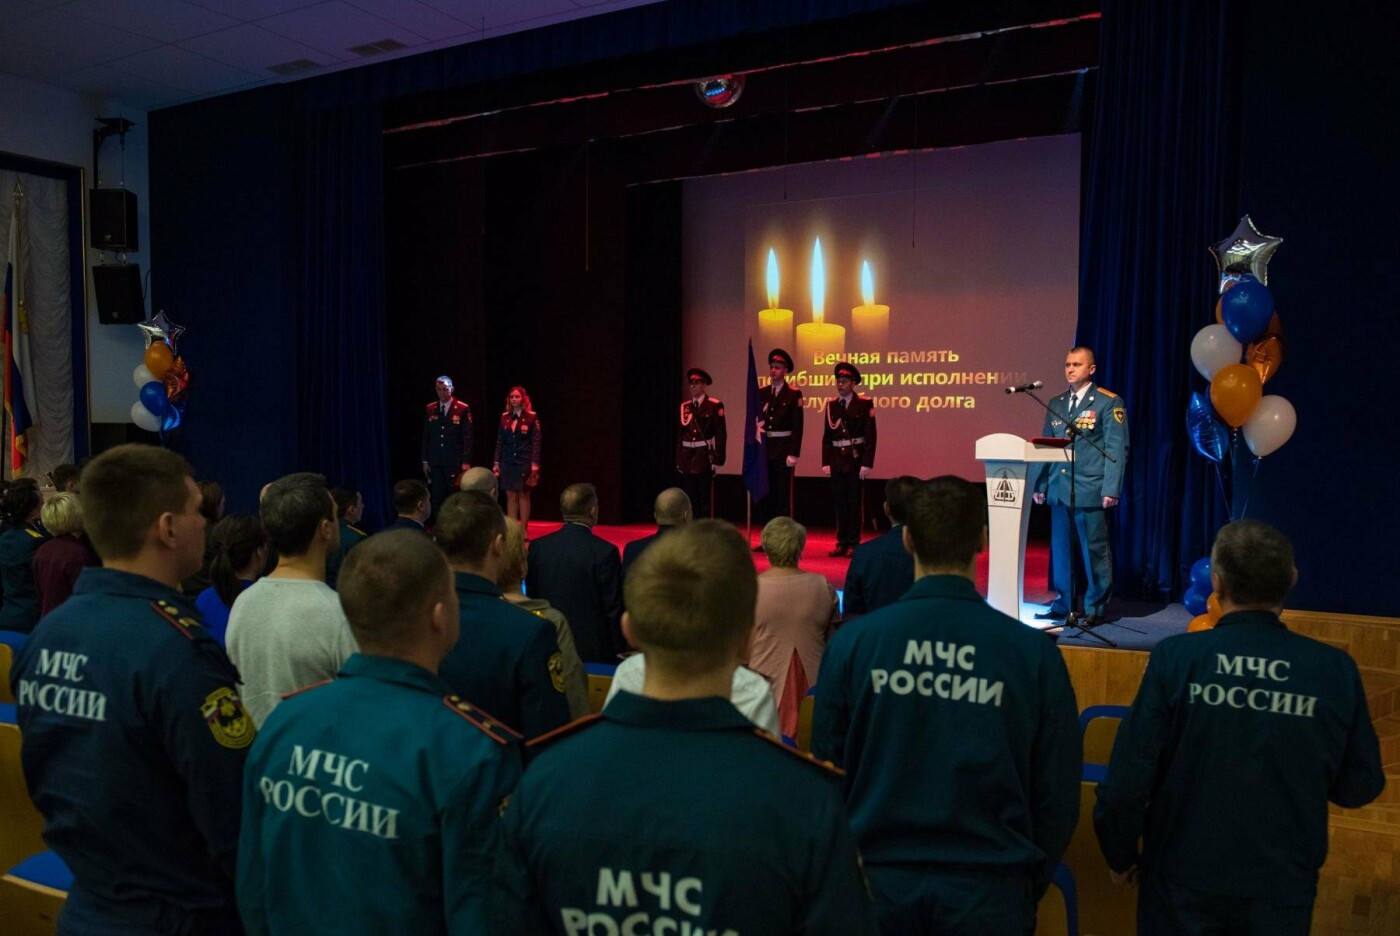 Торжественное мероприятие, посвященное Дню пожарной охраны России - Фото предоставлено пресс-службой администрации МОГО «Ухта»